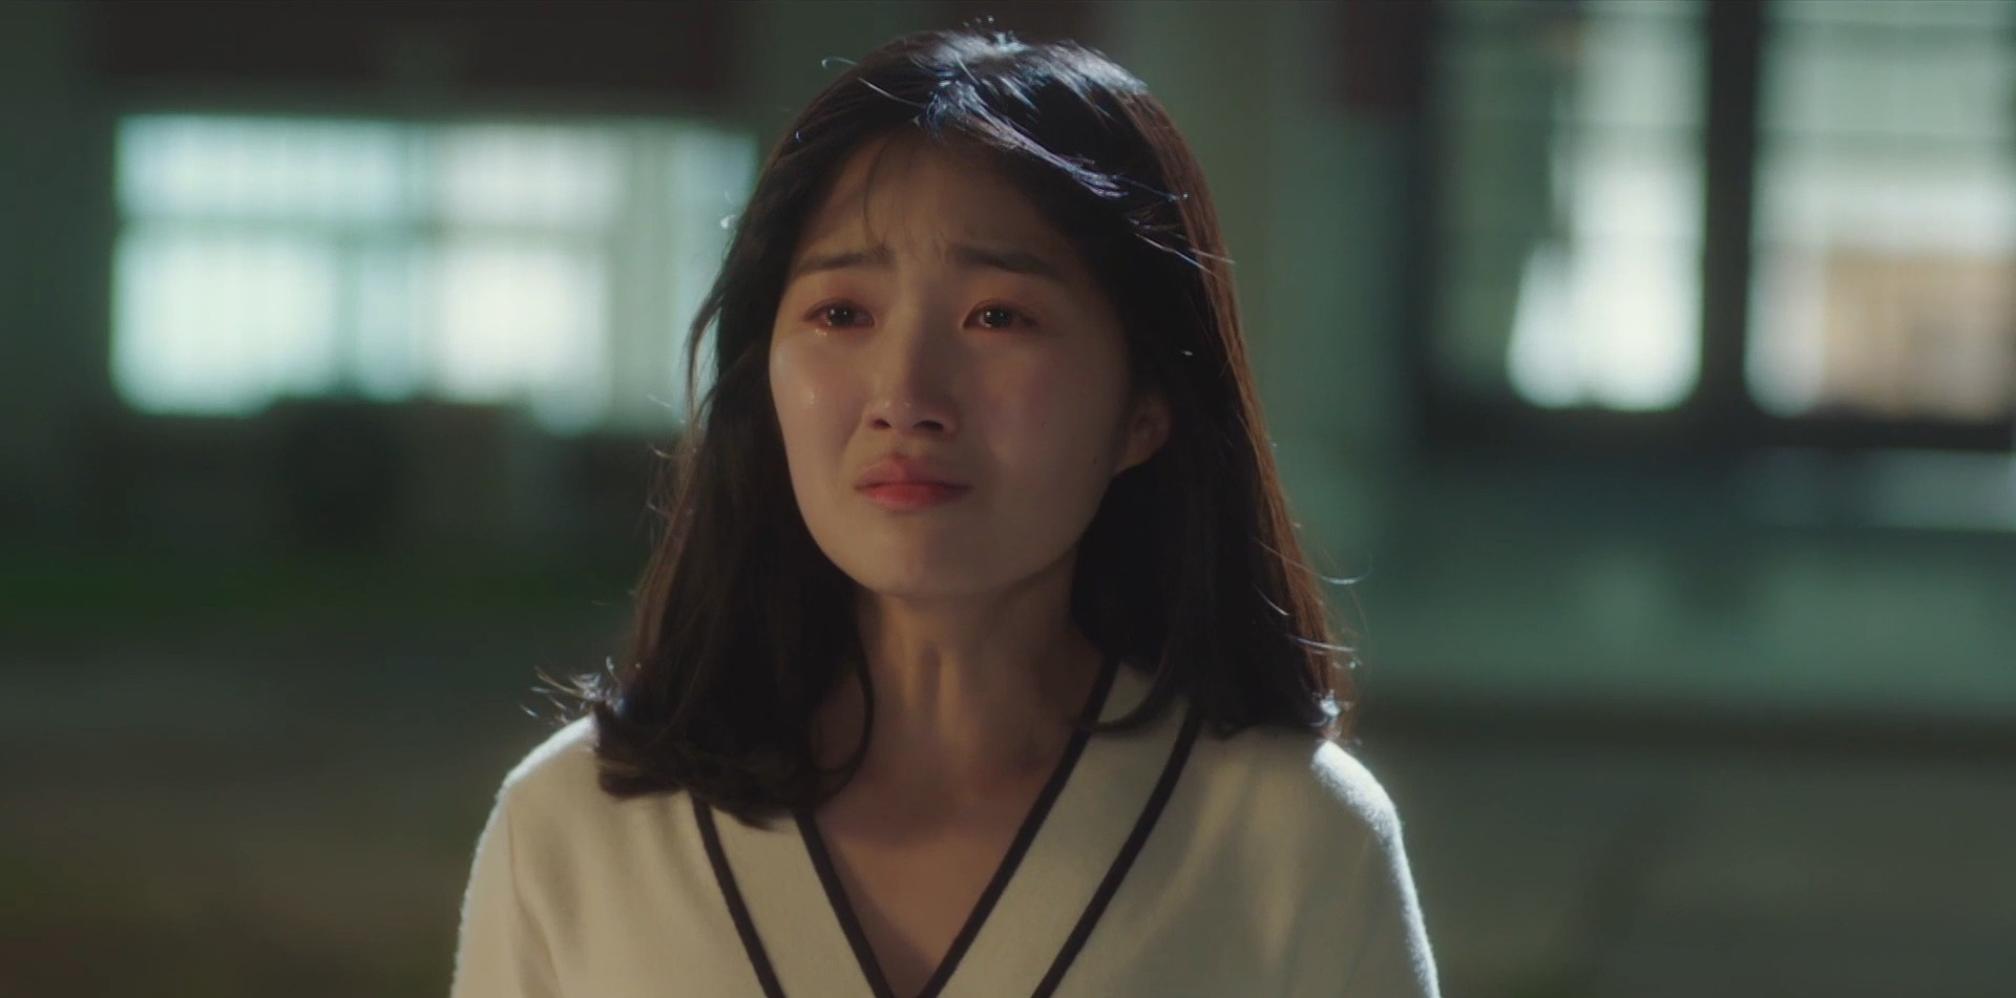 偶然發現的一天 第21集 - 韓劇 - 戲劇線上看 - myVideo   陪你每一刻